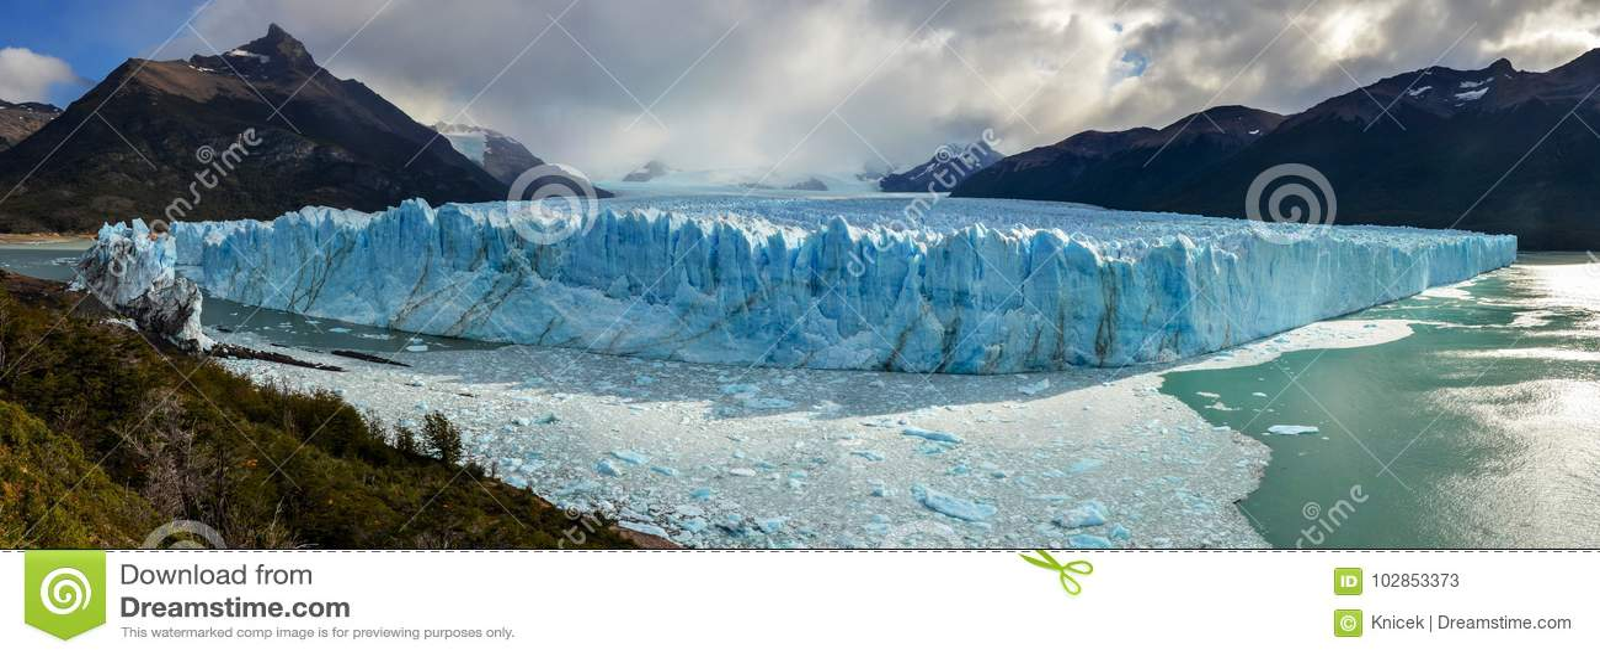 Perito Moreno Glacier i nationalpark för Los Glaciares i El Calafate, Argentina, Sydamerika